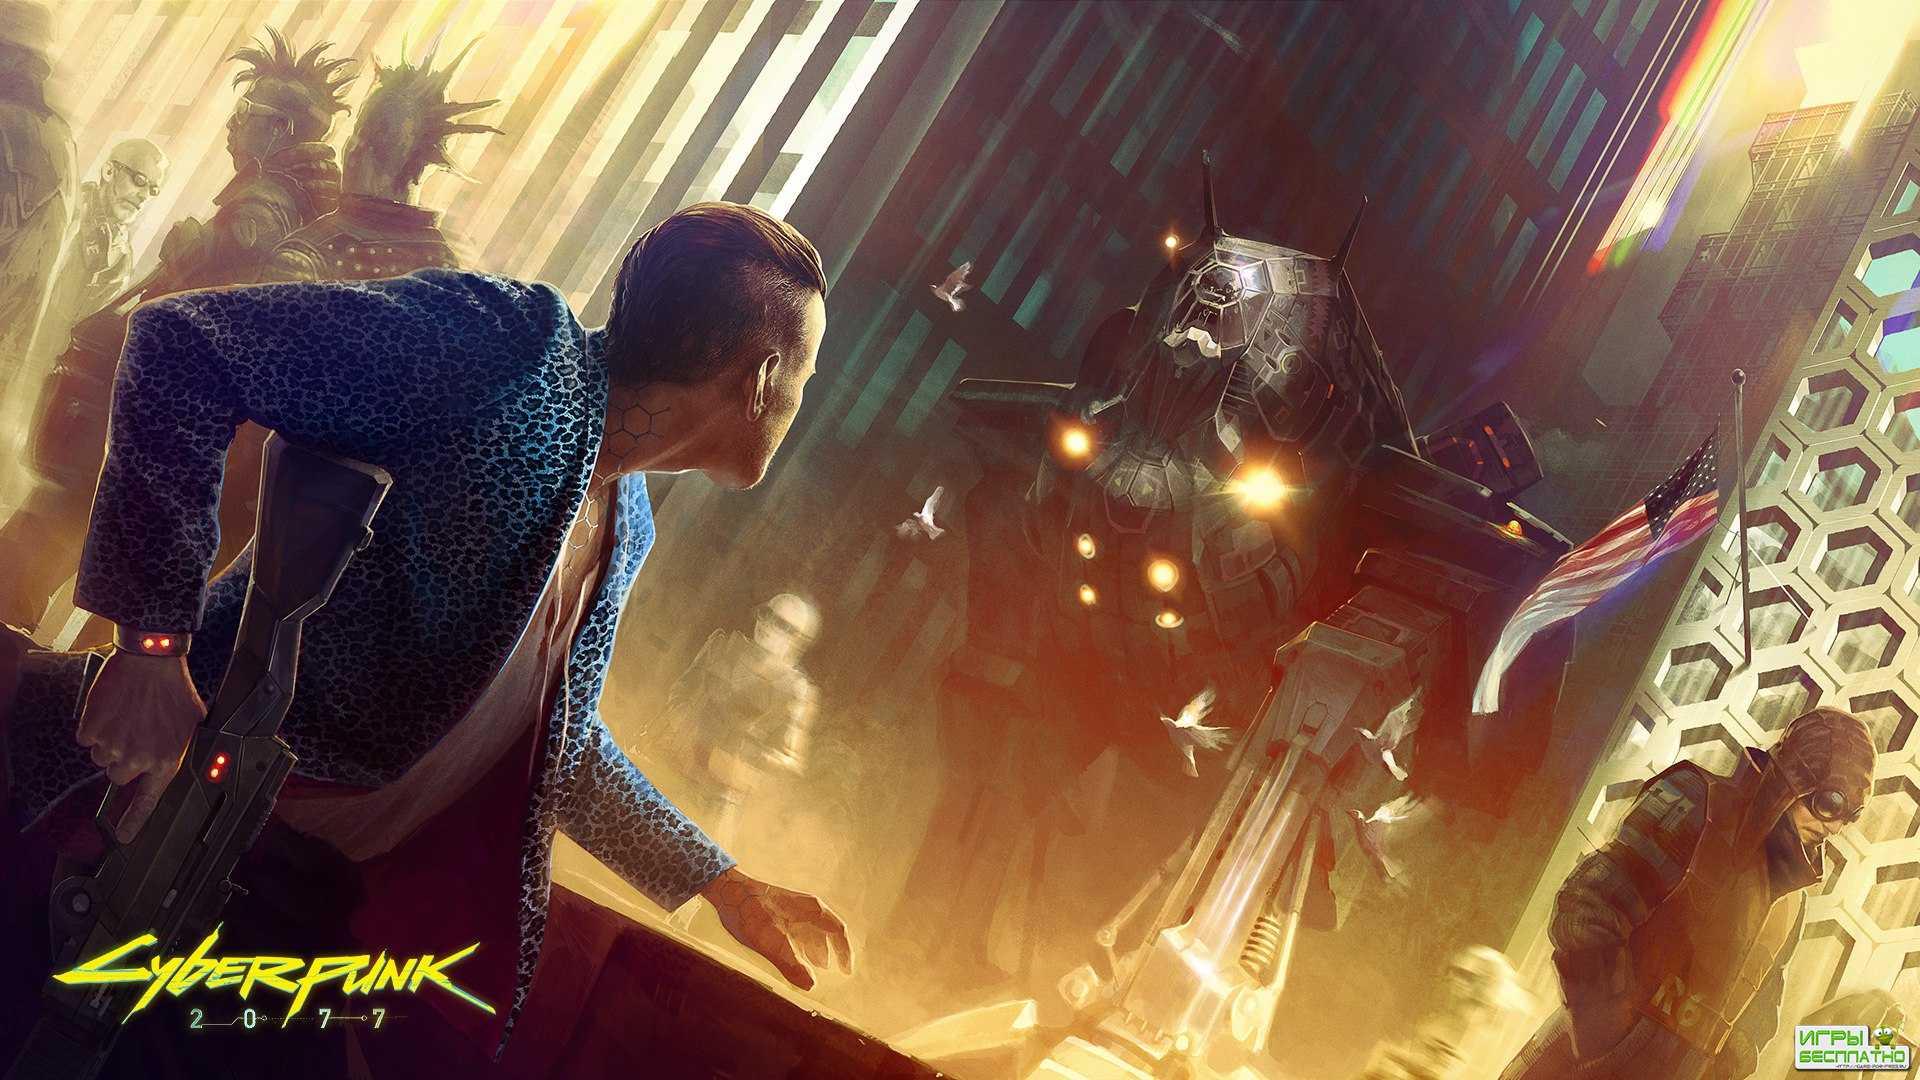 Разработка Cyberpunk 2077 была перезапущена после релиза The Witcher 3: Blo ...